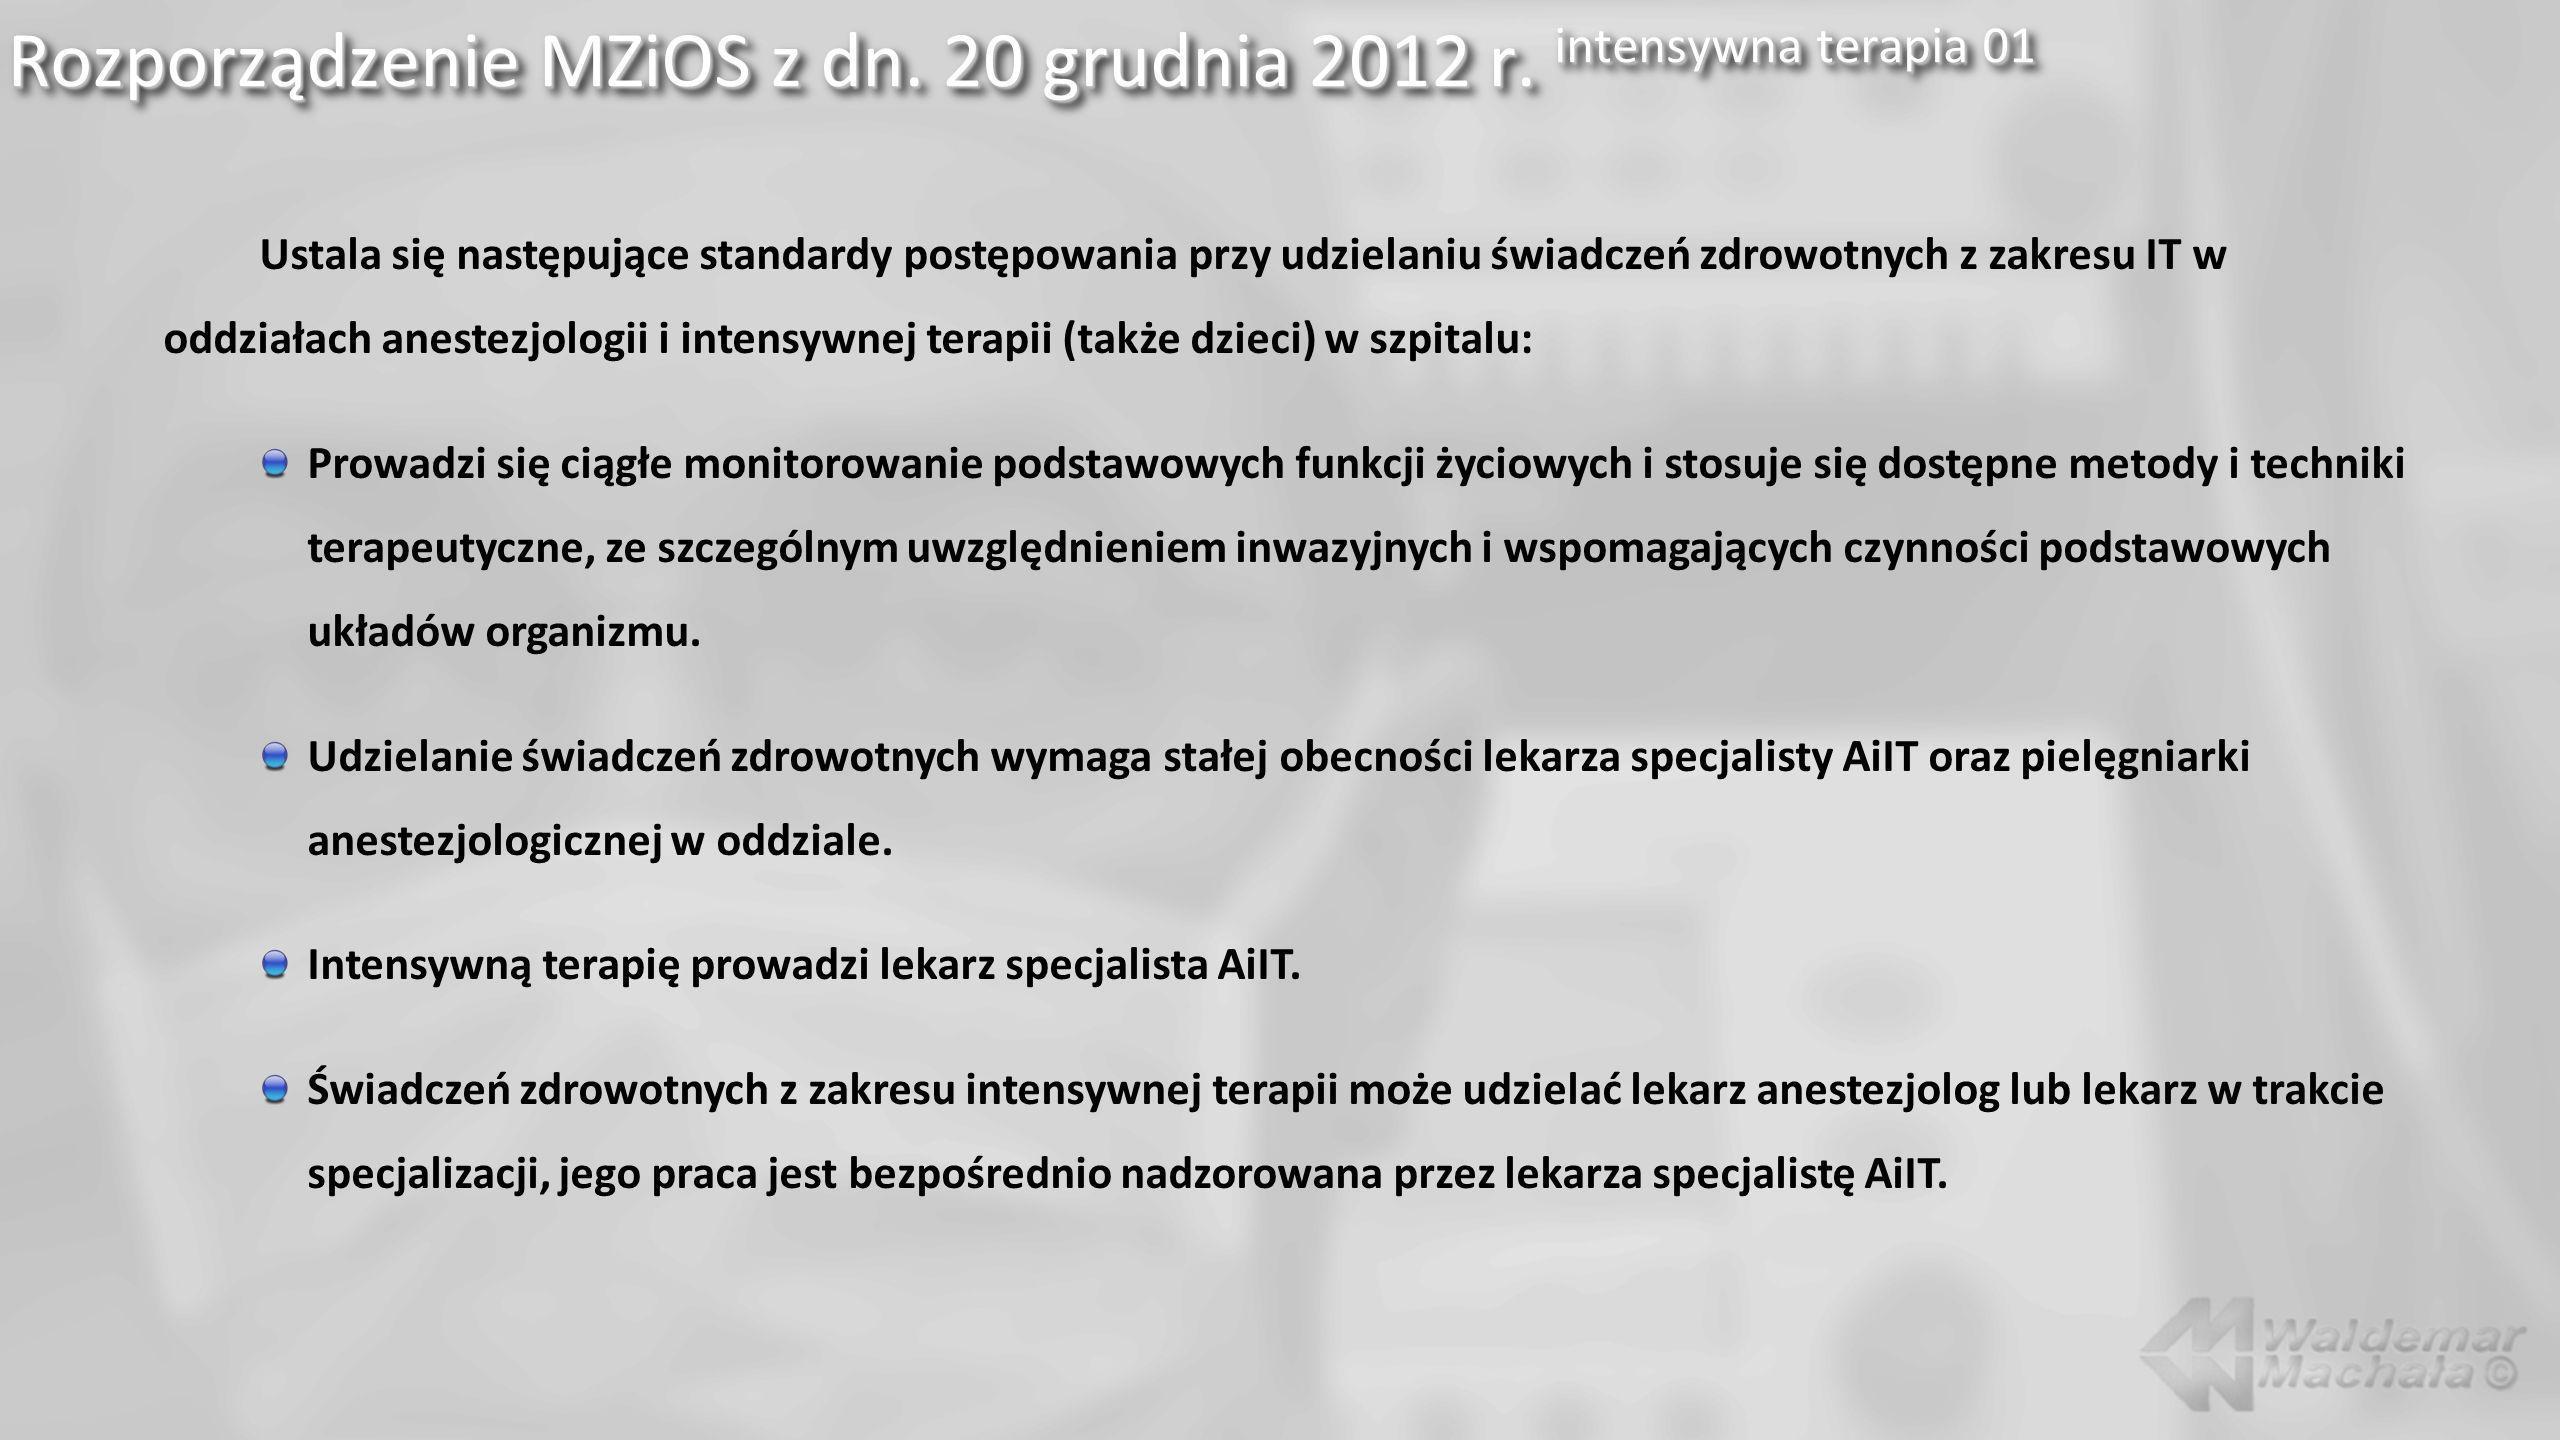 Rozporządzenie MZiOS z dn. 20 grudnia 2012 r. intensywna terapia 01